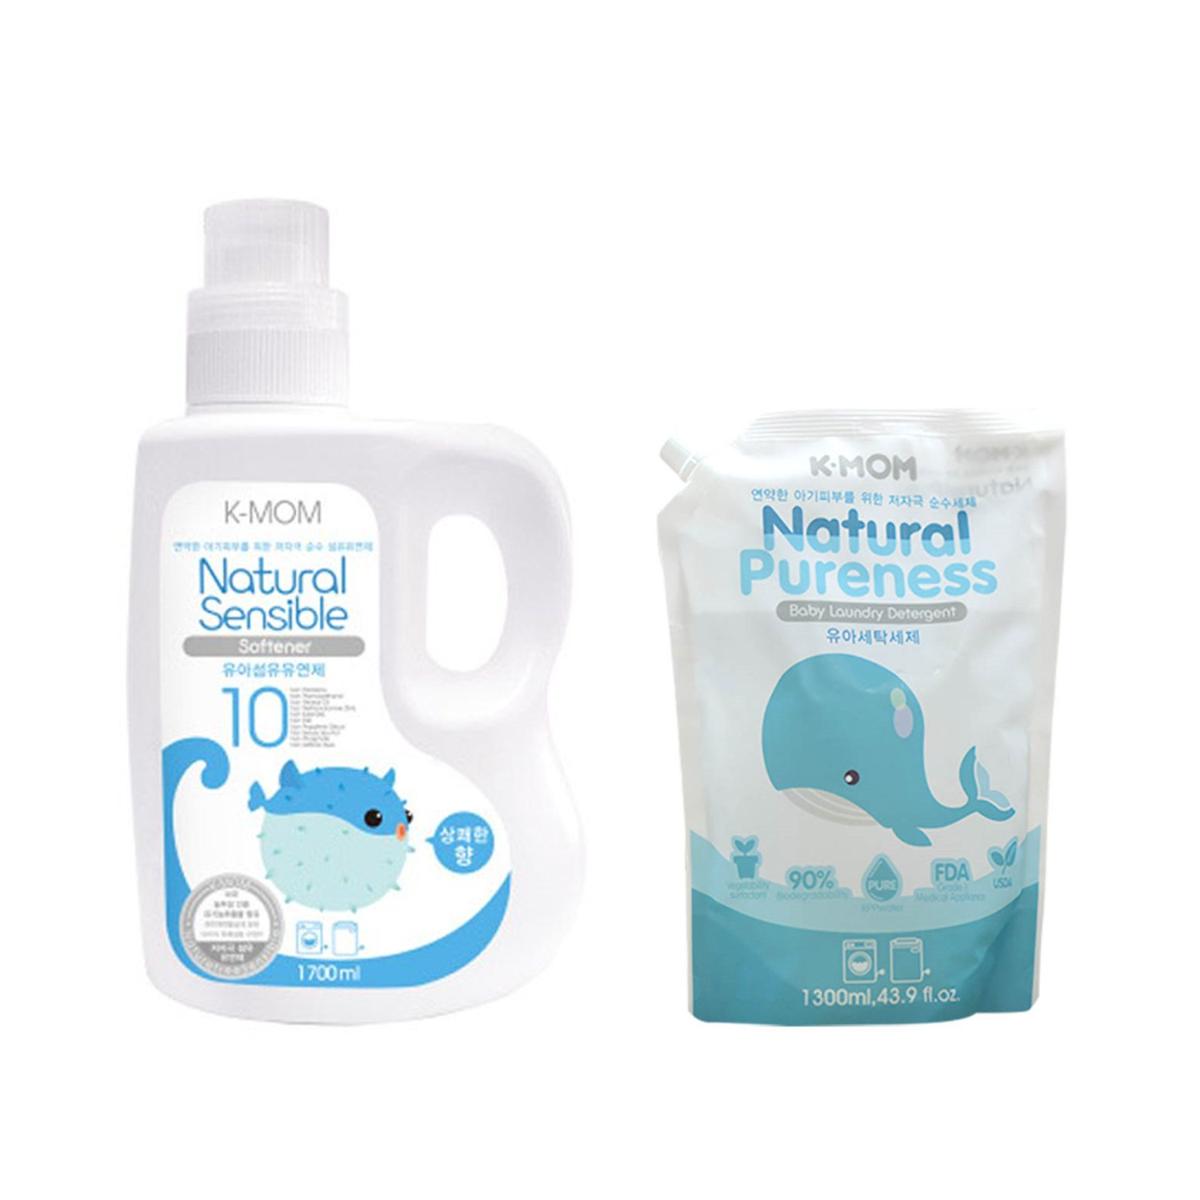 Nước giặt hữu cơ K-mom an toàn cho trẻ sơ sinh